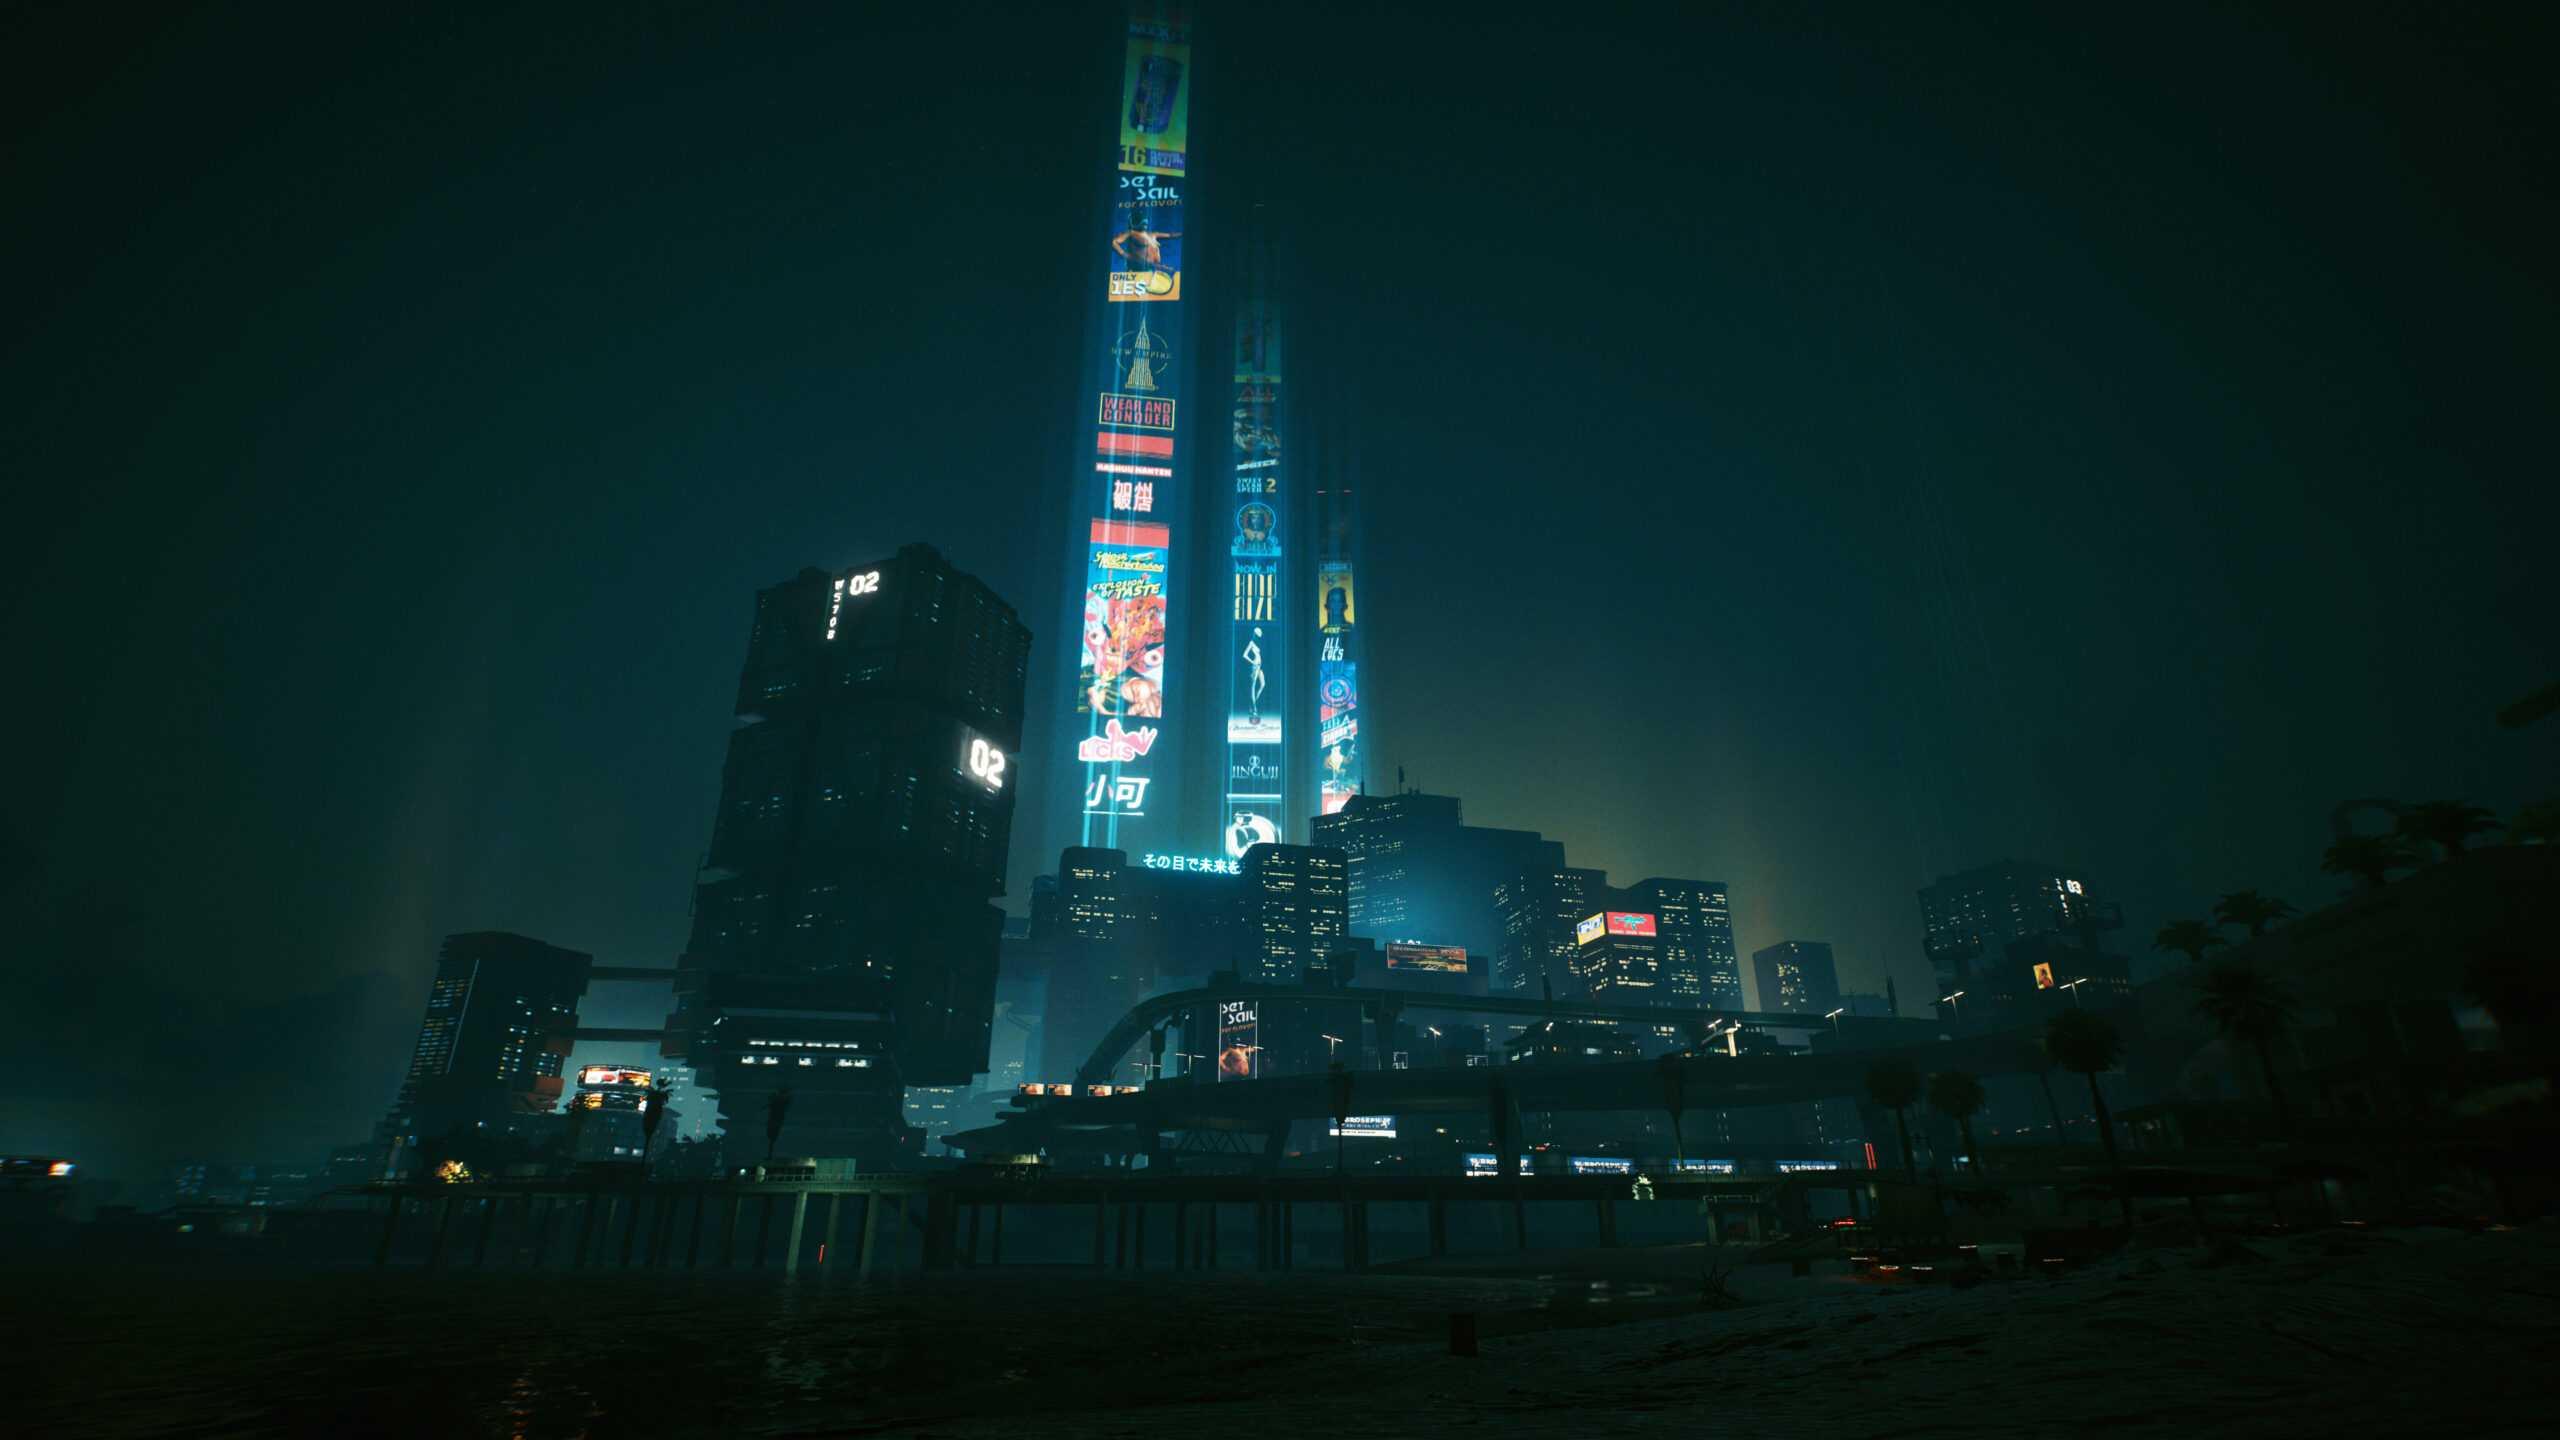 Cyberpunk 2077 имеет более миллиона одновременных игроков в Steam | ПК-геймер